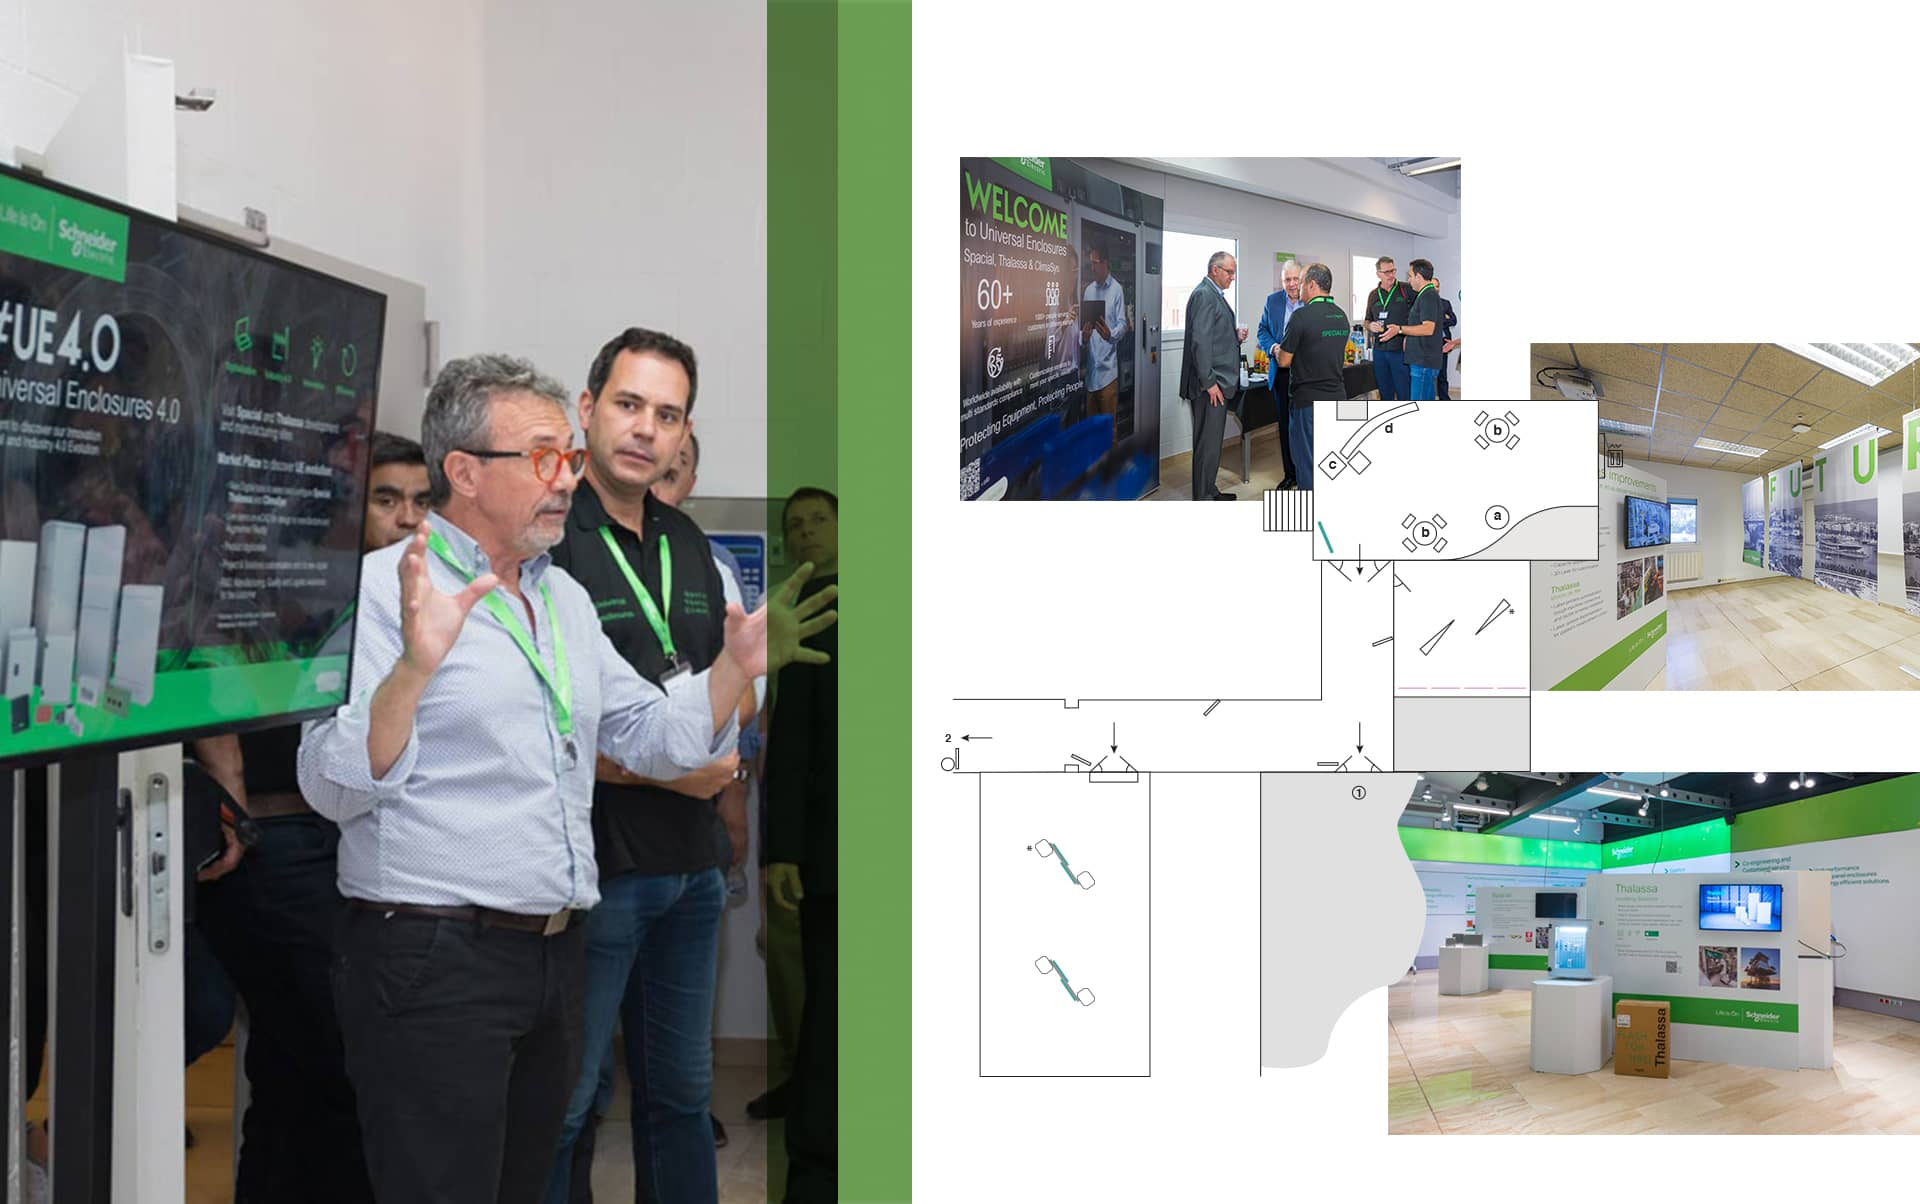 03 Evento Schneider Electric - Dirección, diseño y producción de evento